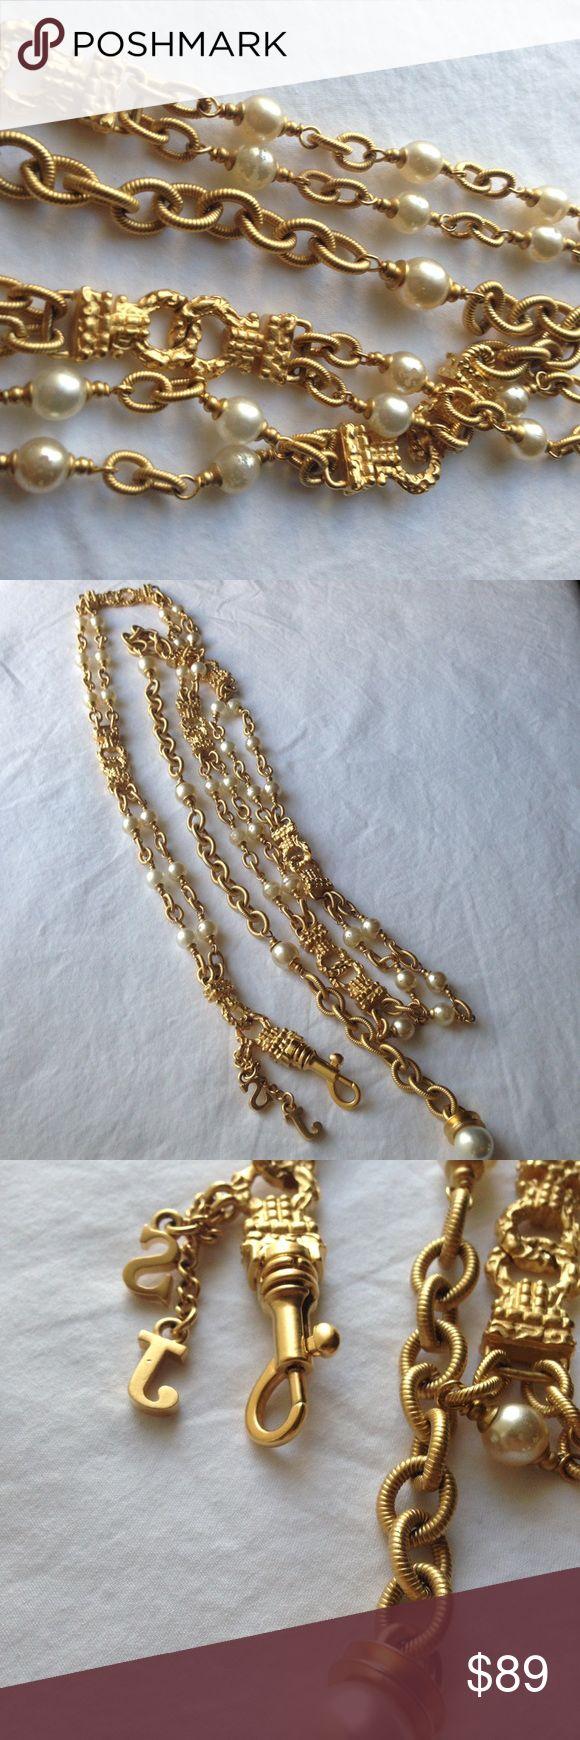 St. John belt St. John pearl gold tone chain belt little bit of wear and tear on few pearls St. John Accessories Belts